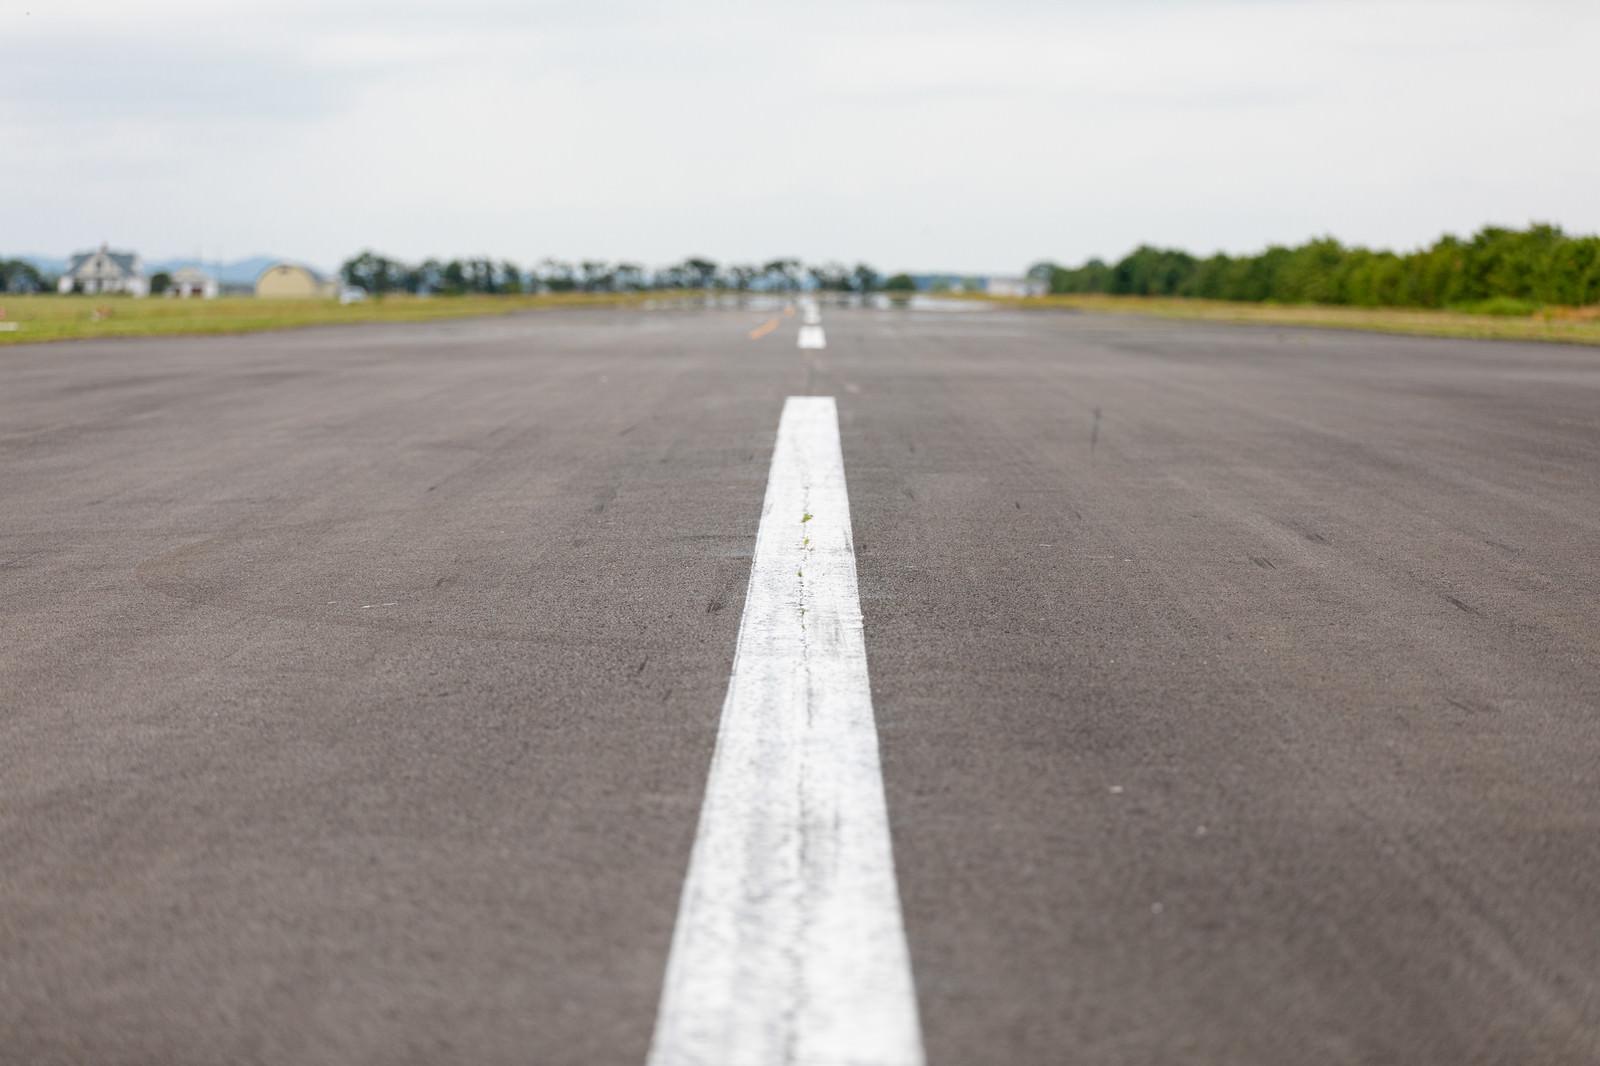 「滑走路中心線(美唄市農道離着陸場)」の写真